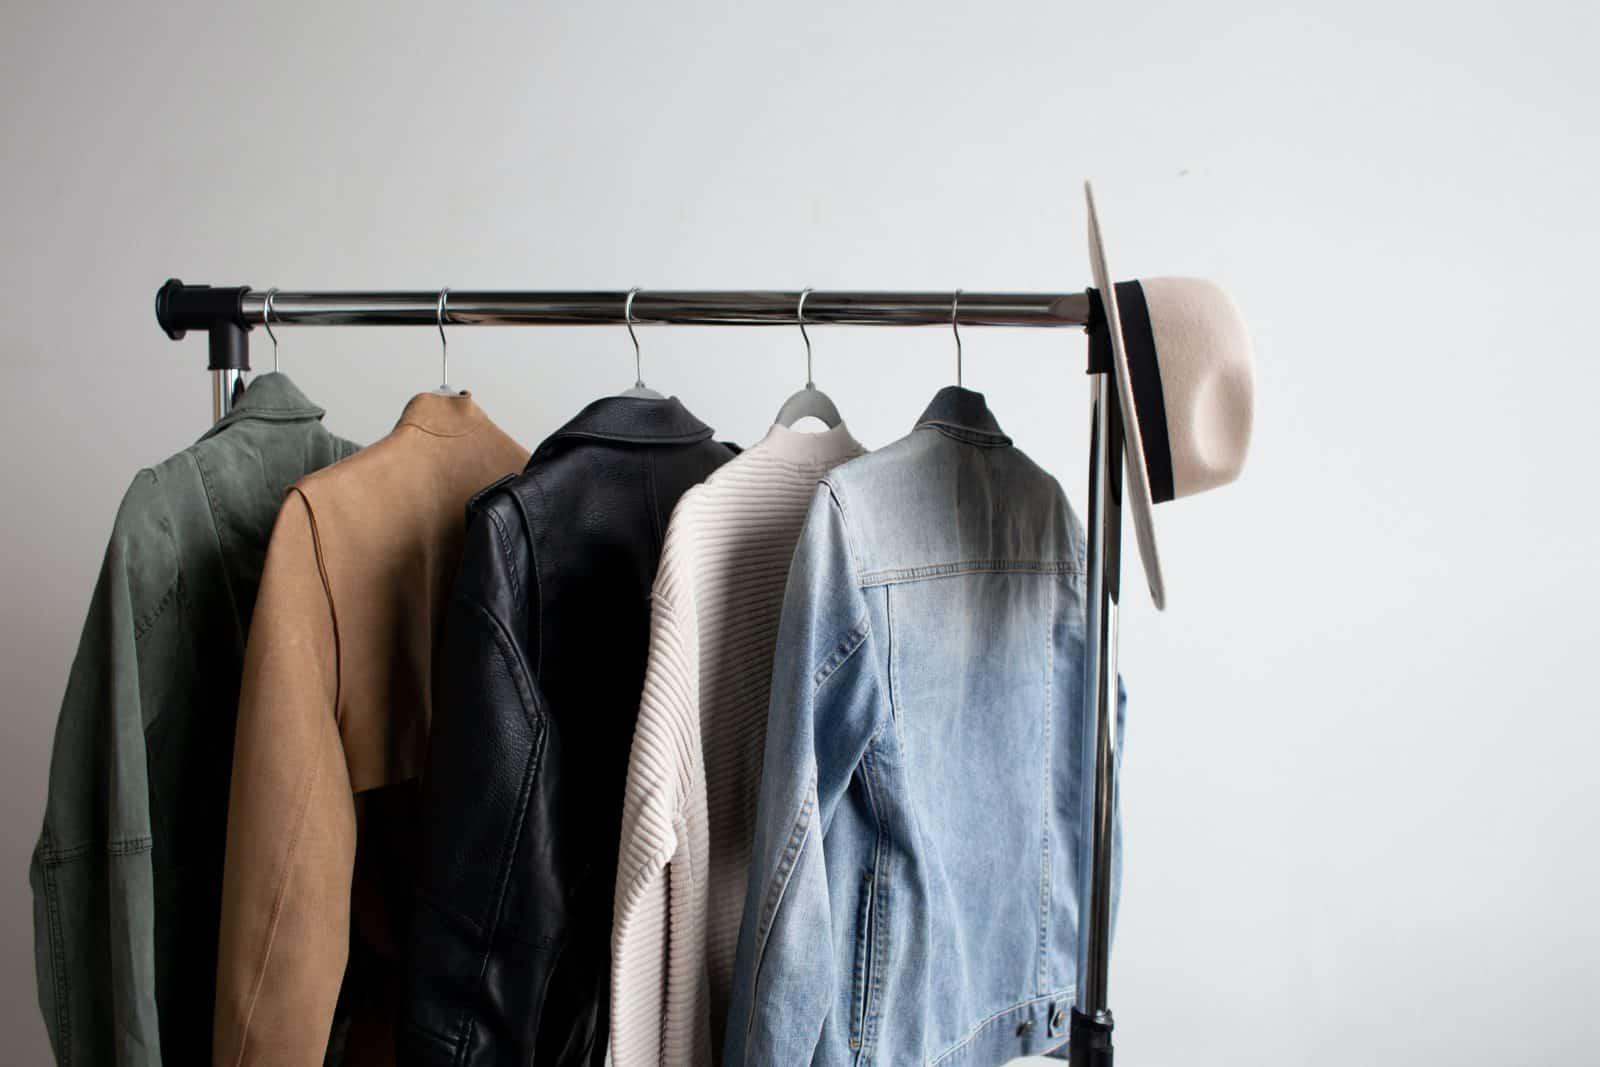 26 10 Tipps für einen nachhaltigen Kleiderschrank ohne Fast Fashion